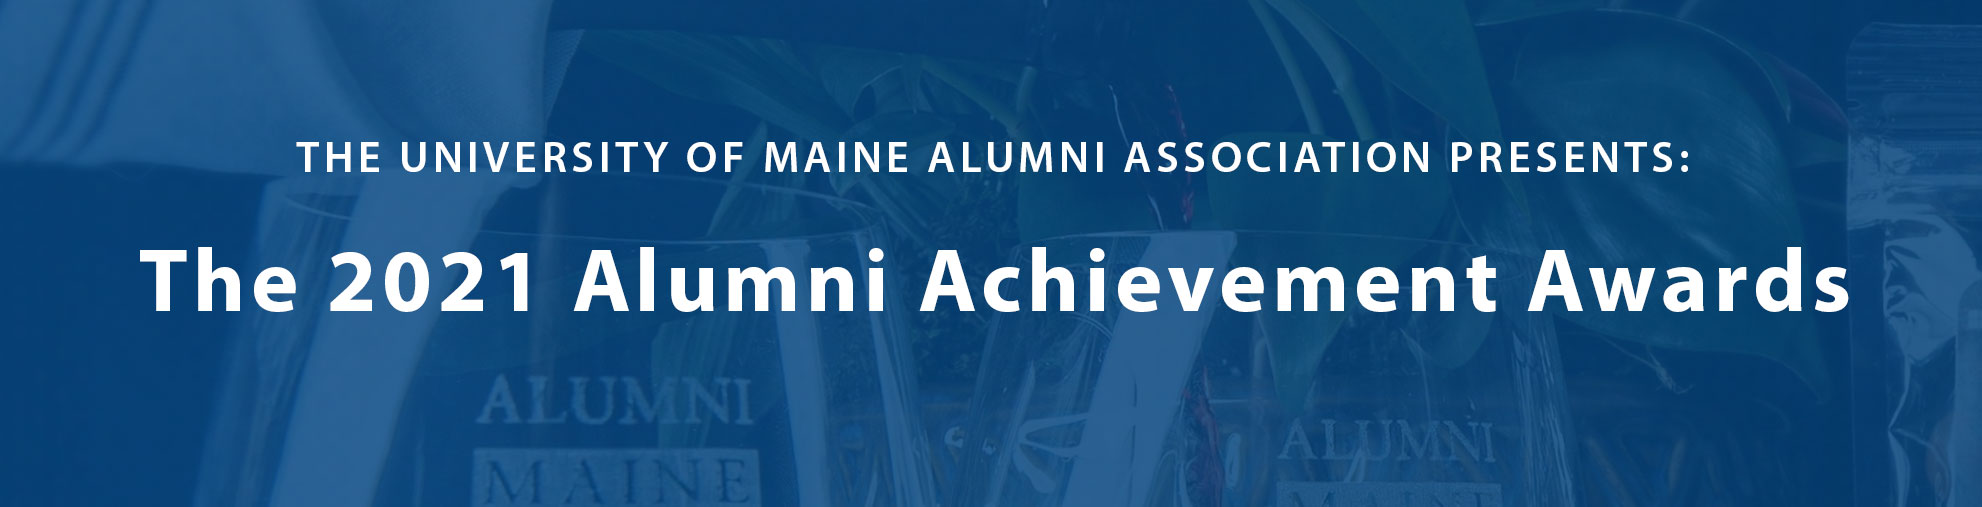 Alumni Achievement Awards: